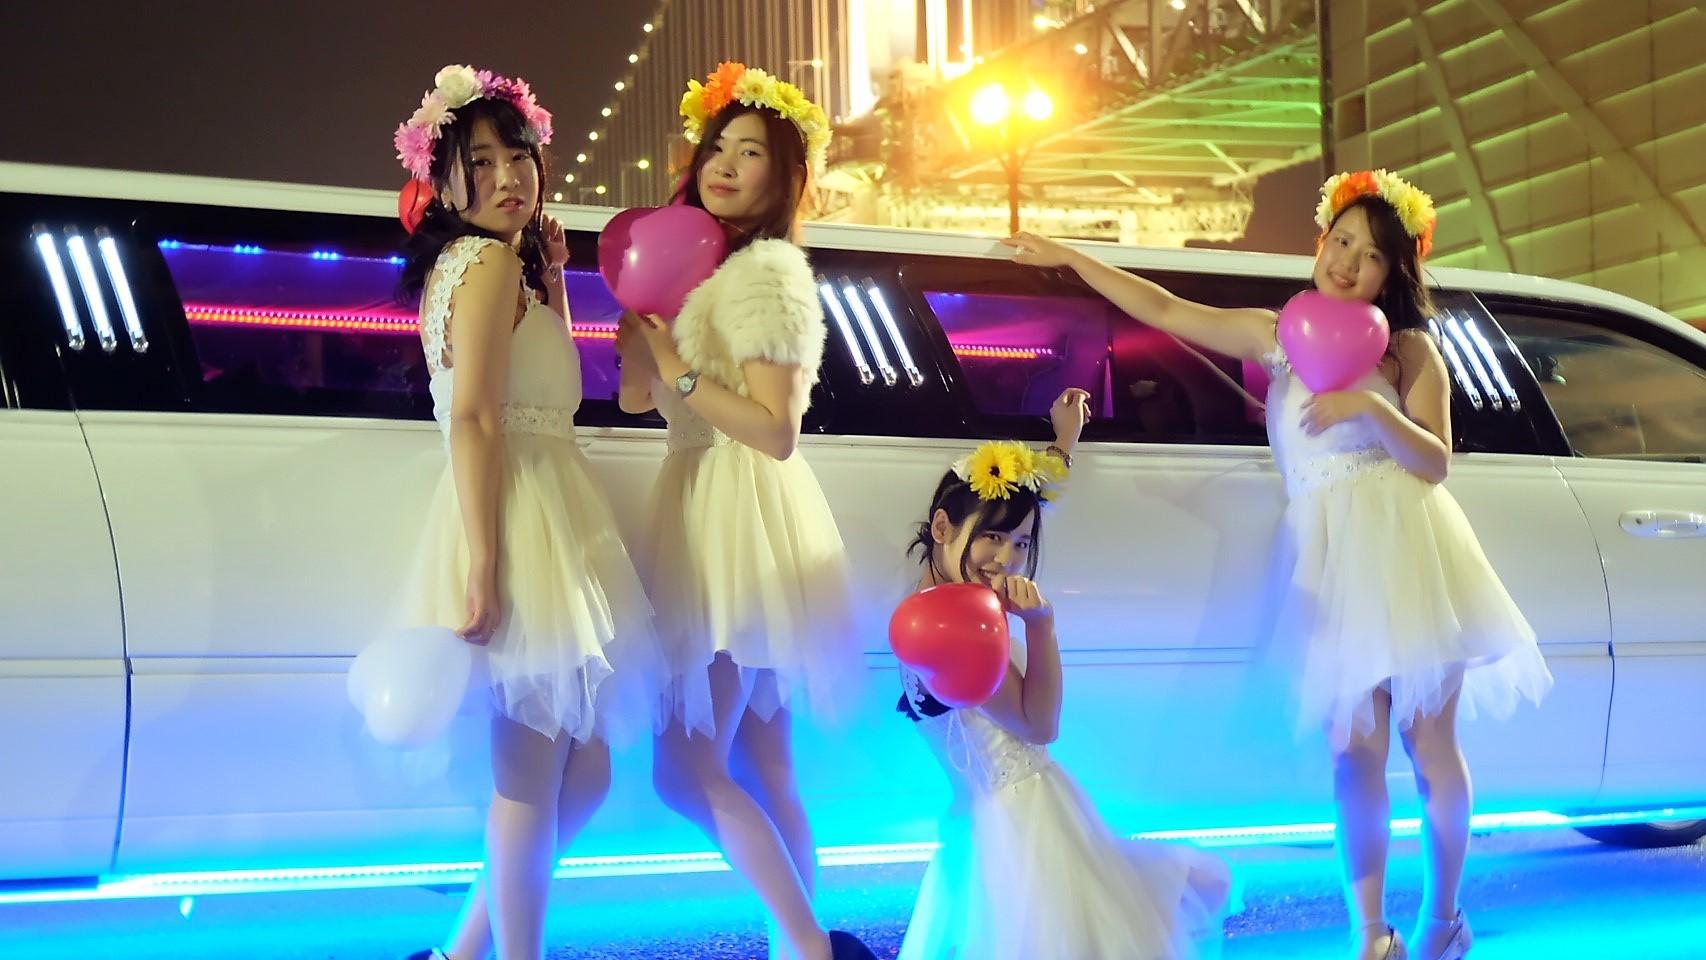 リムジンパーティーで東京のレインボーブリッジ撮影